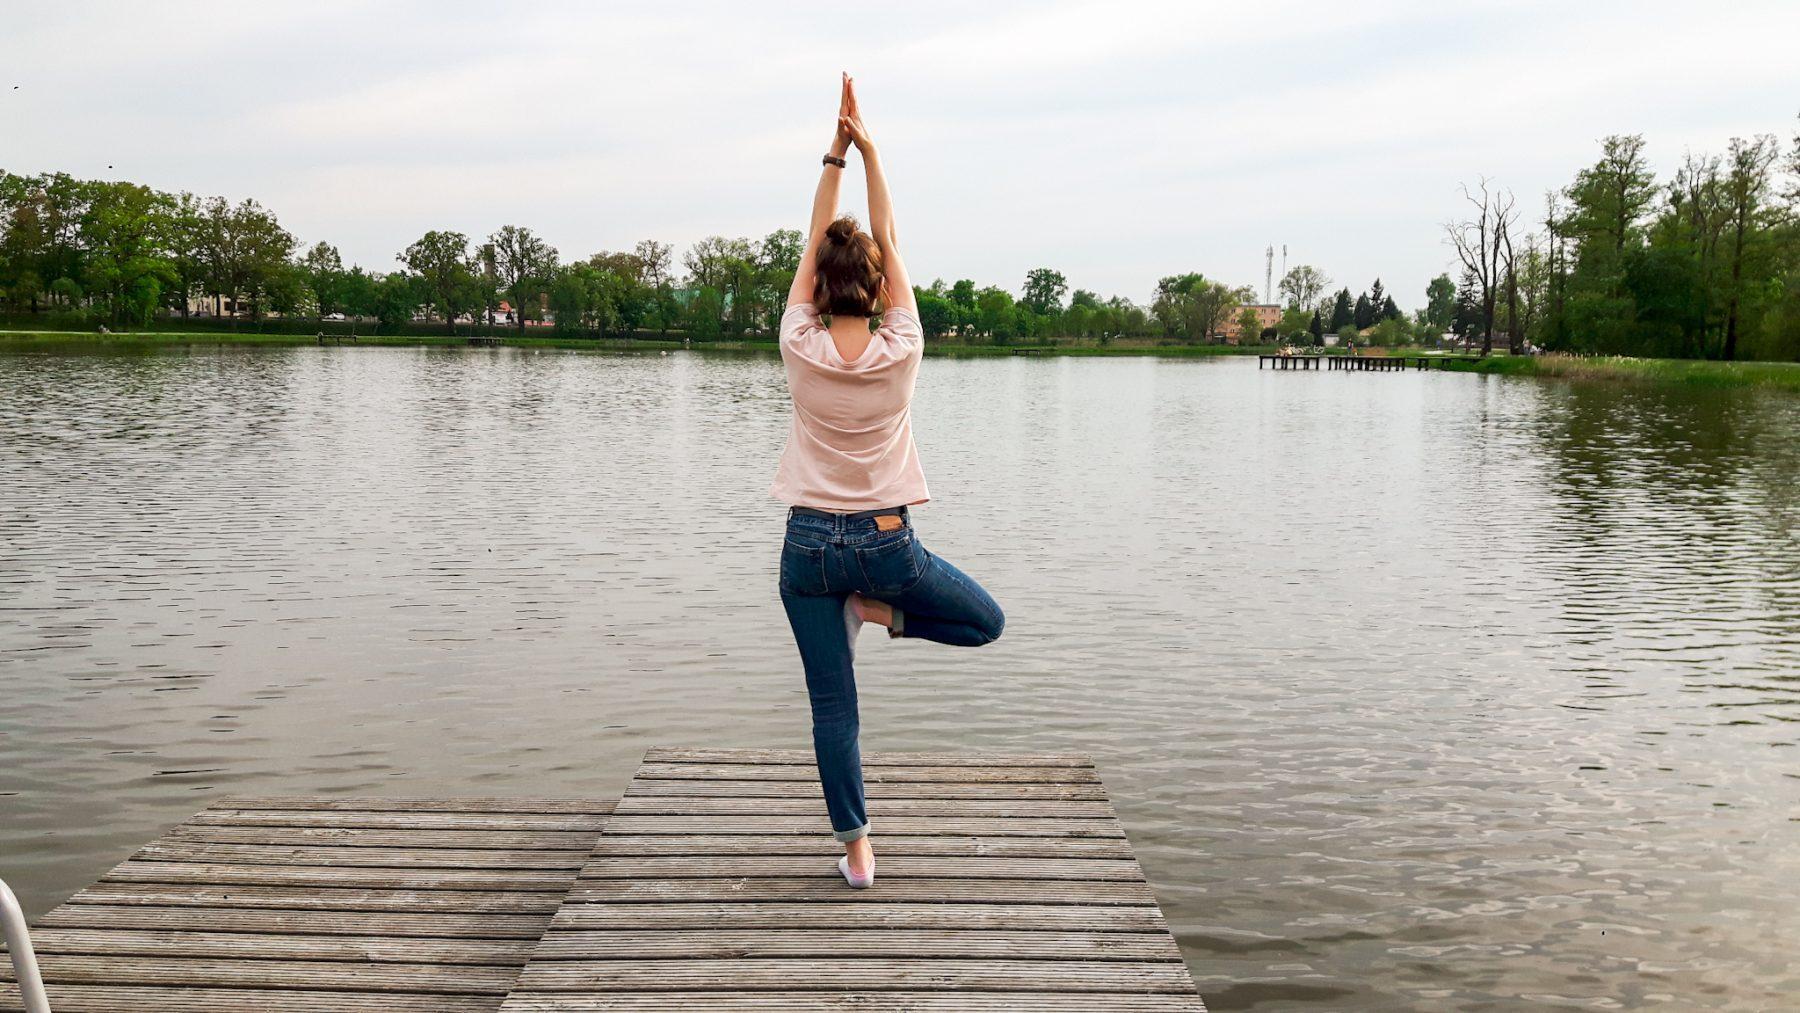 lekka przesada - aktywność fizyczna